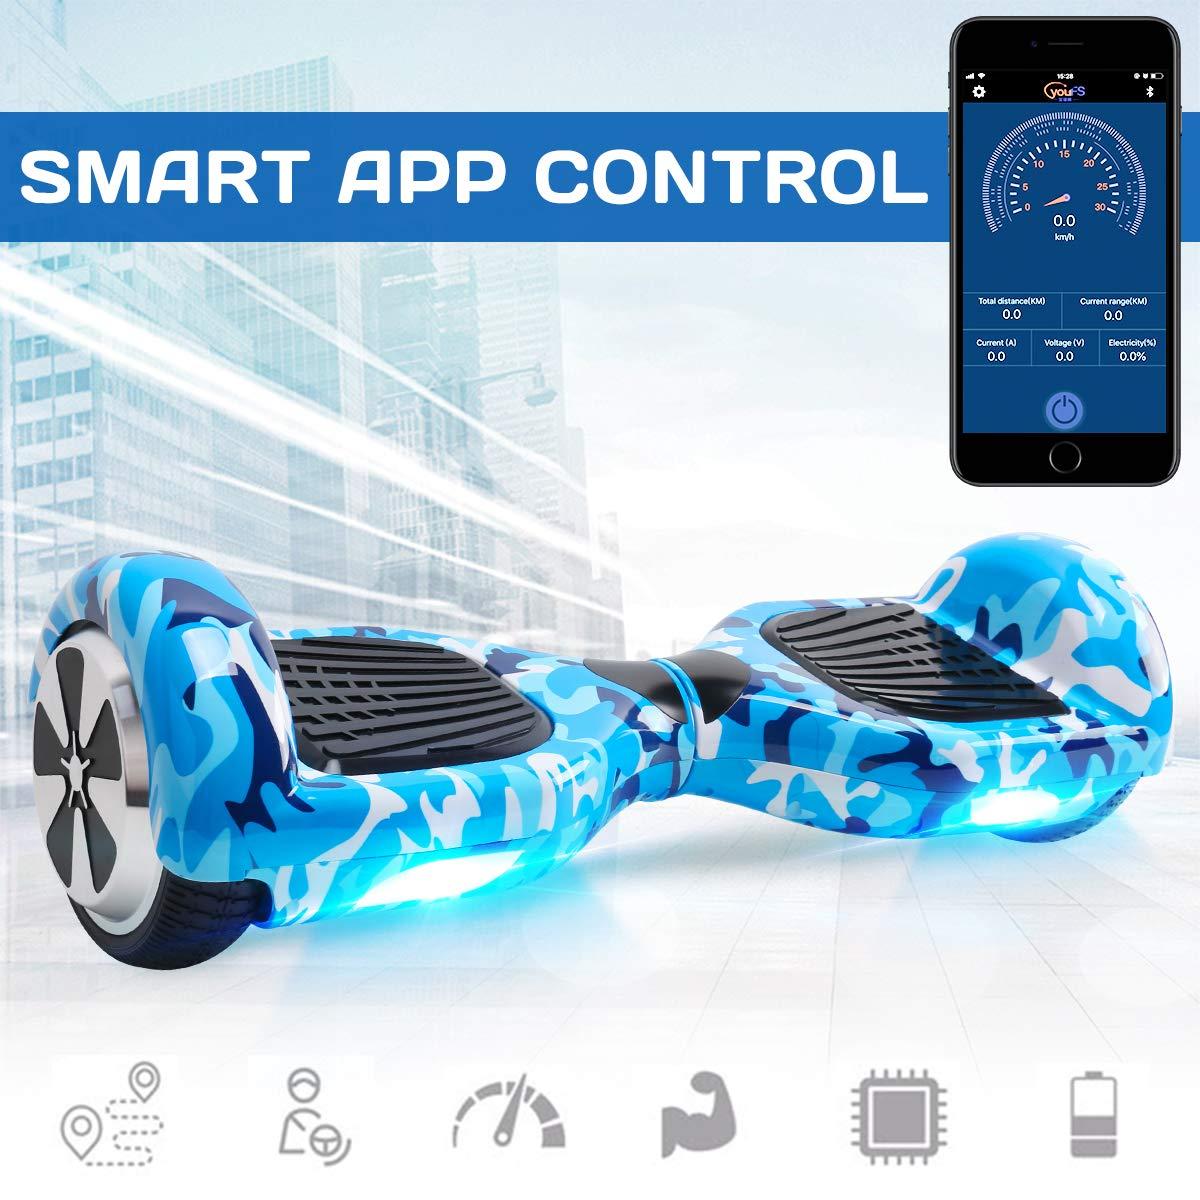 Windgoo Patinete El/éctrico con Bluetooth/&App 6.5 Pulgadas Hoverboard Overboard El/éctrico Scooter con Led Luces y 2 * 350 Motor Auto-Equilibrio Scooter para Ni/ños Aplicaci/ón-Army Blue